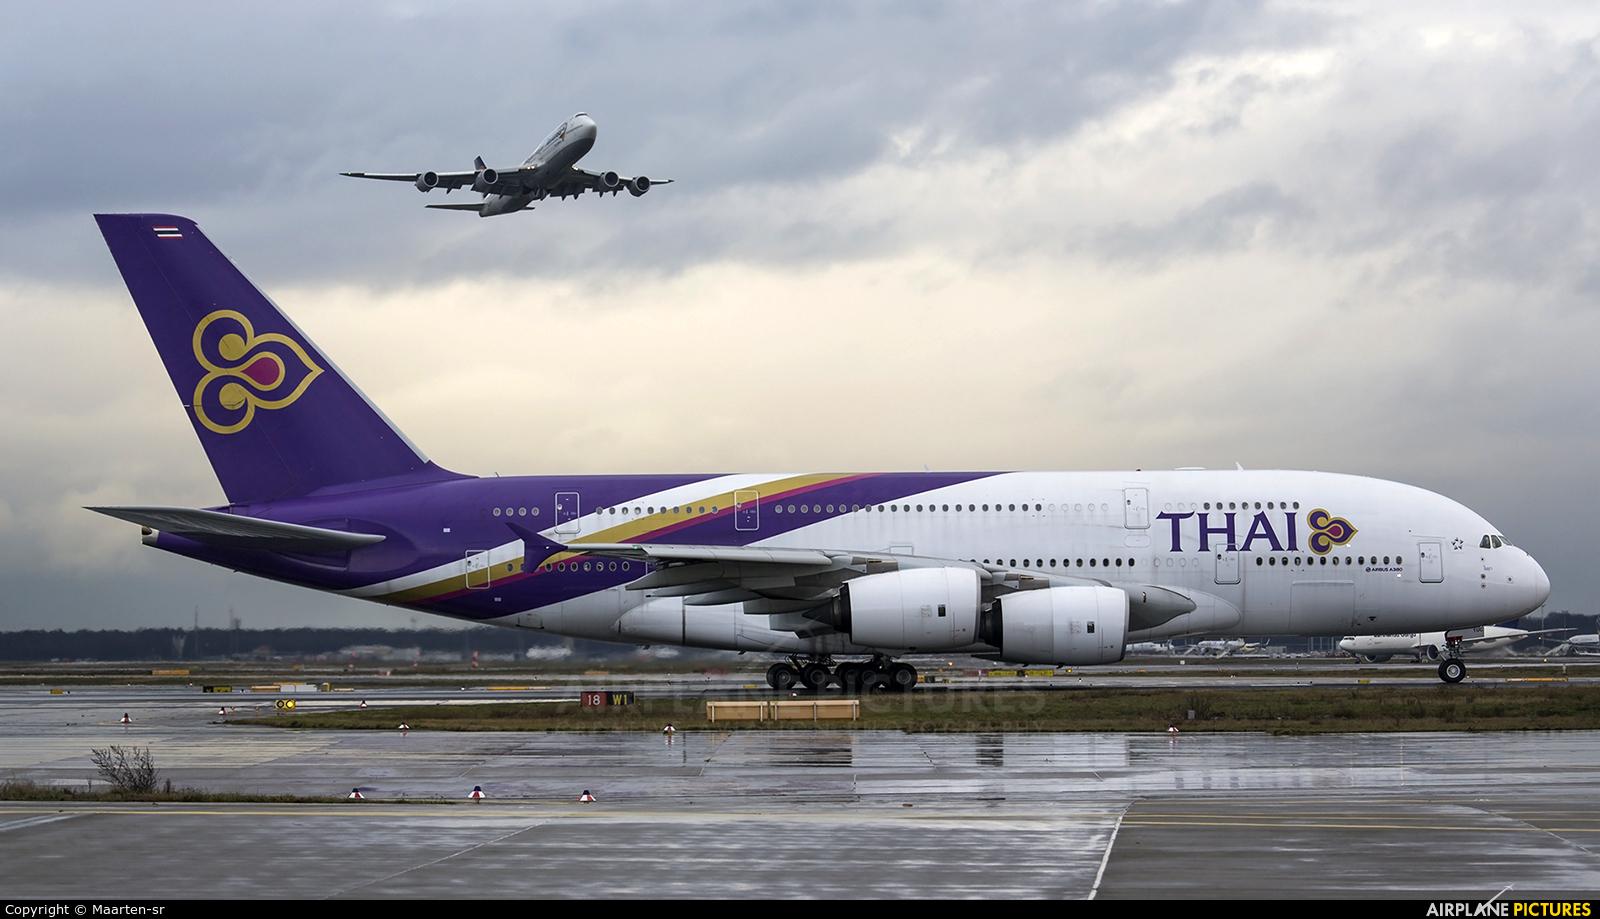 Thai Airways HS-TUC aircraft at Frankfurt